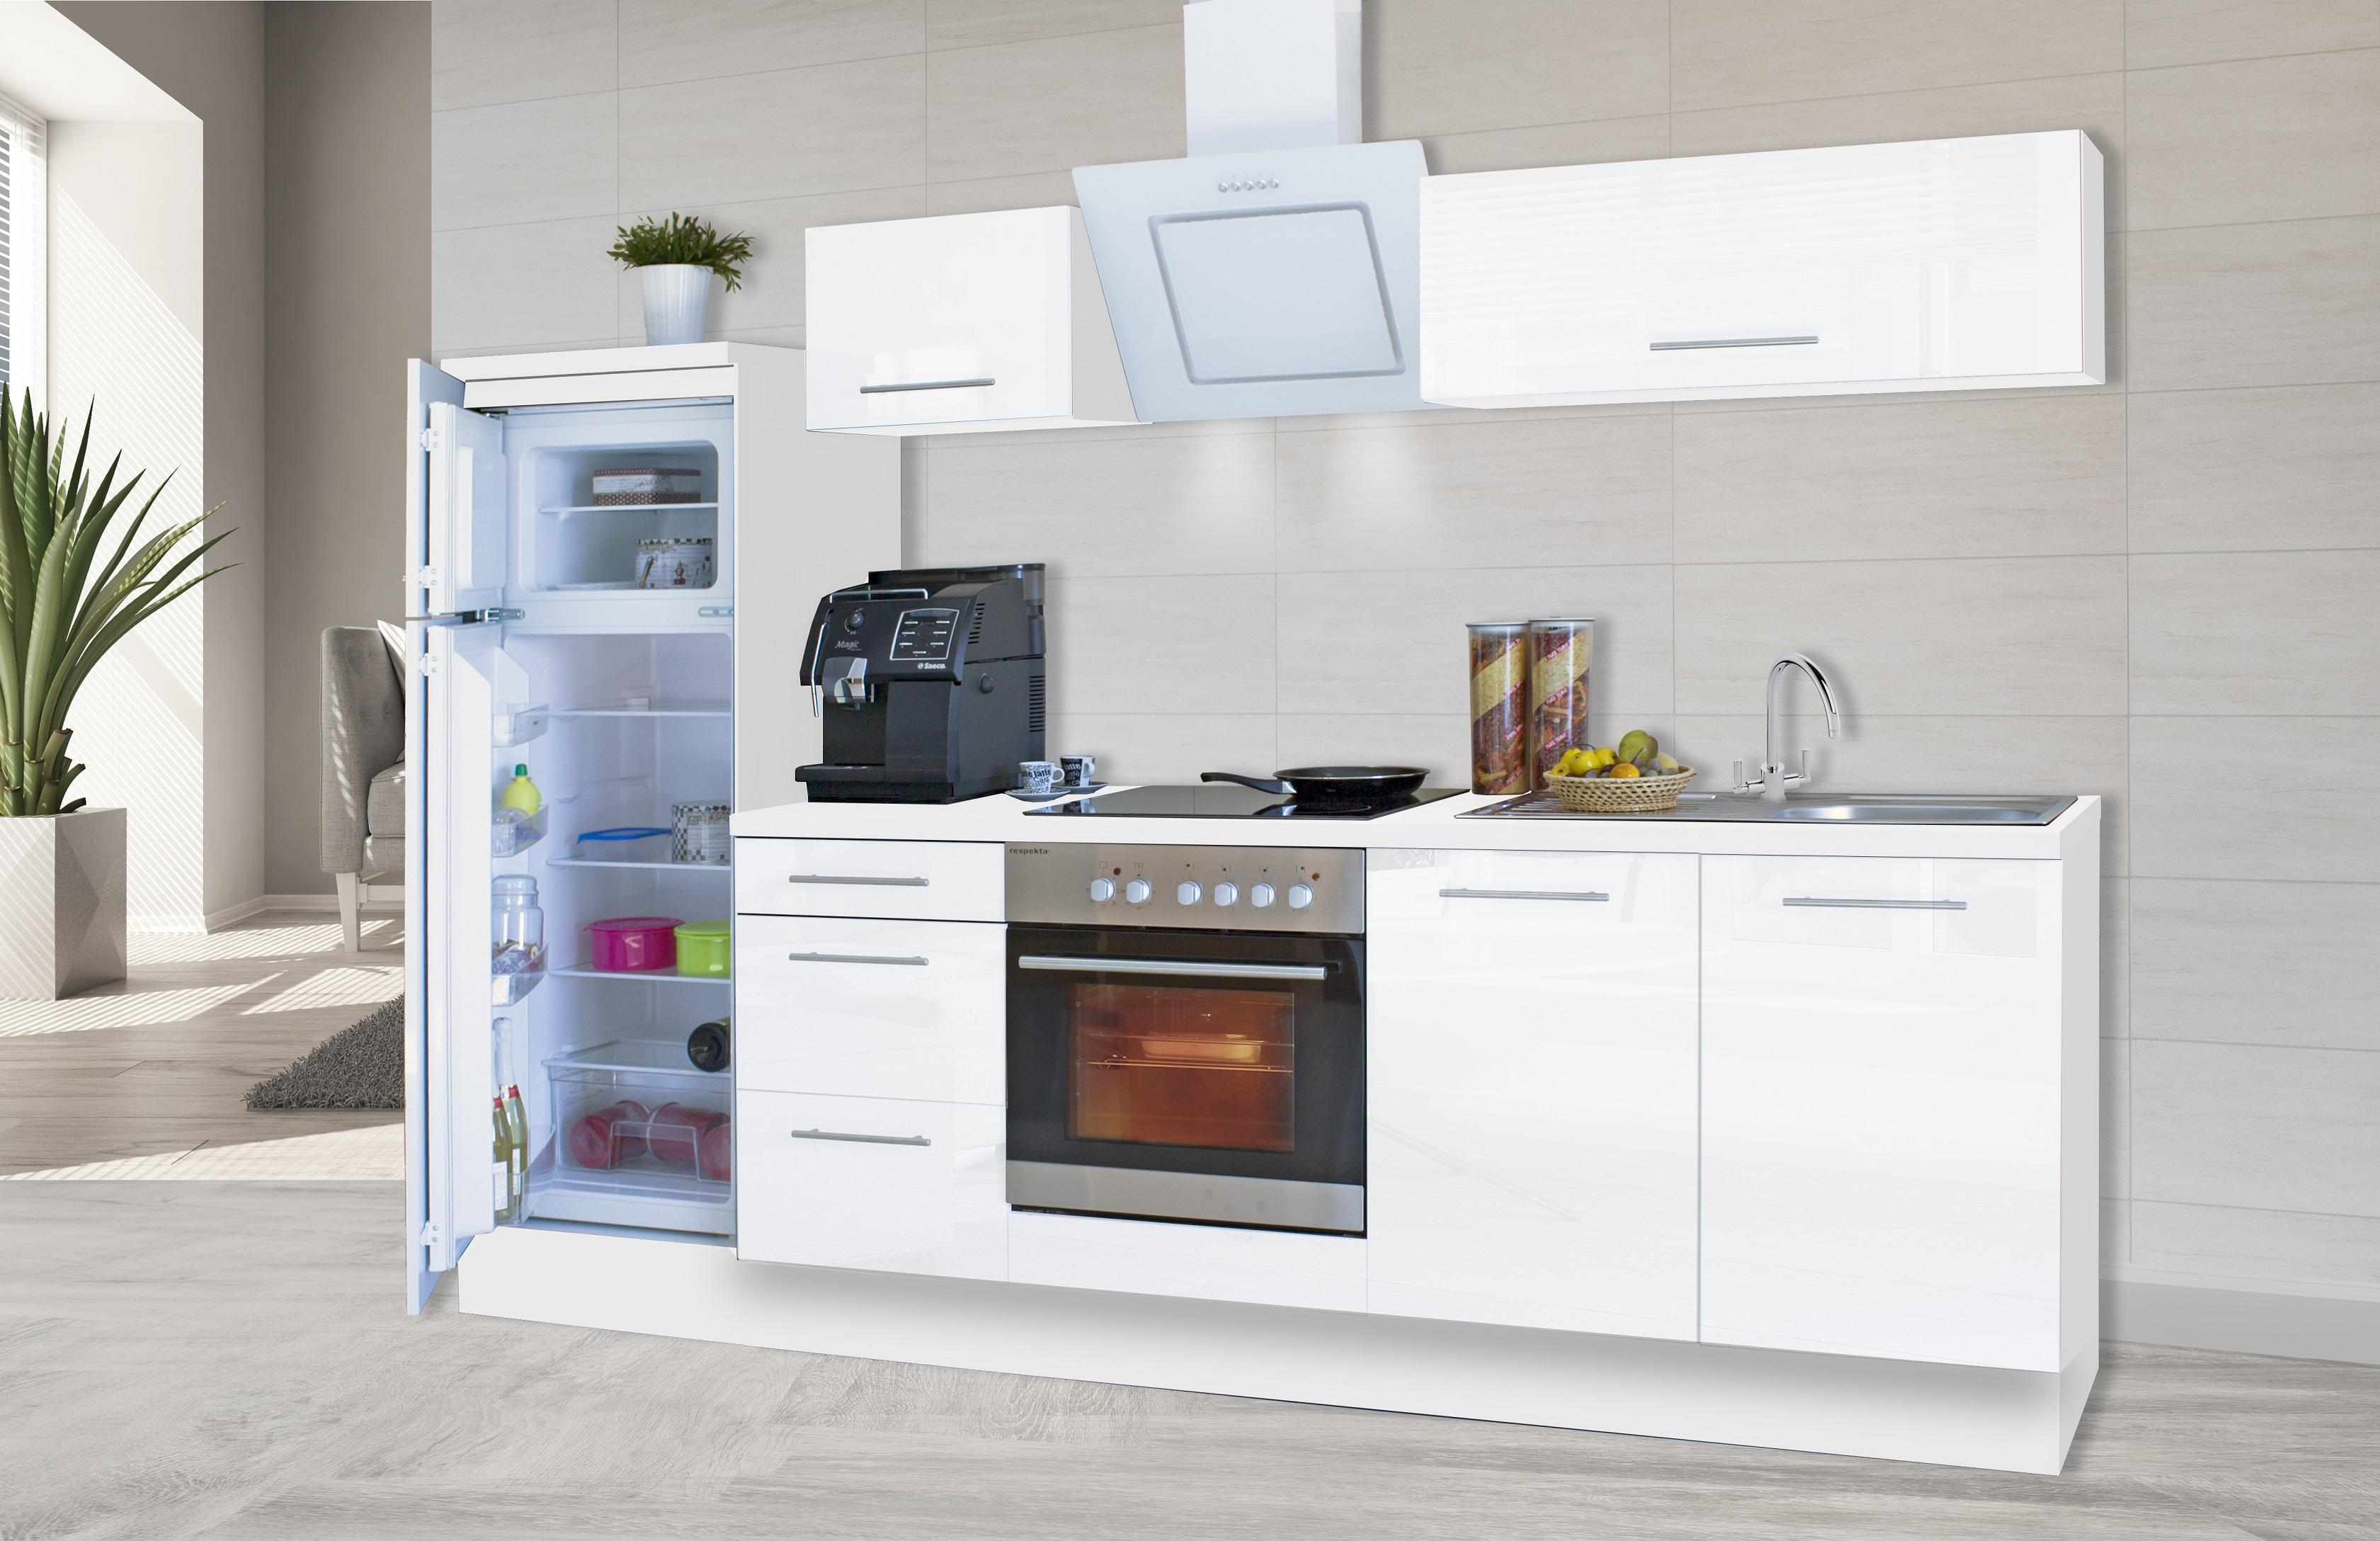 respekta premium einbau k che k chenzeile 270cm wei wei hochglanz saarland. Black Bedroom Furniture Sets. Home Design Ideas